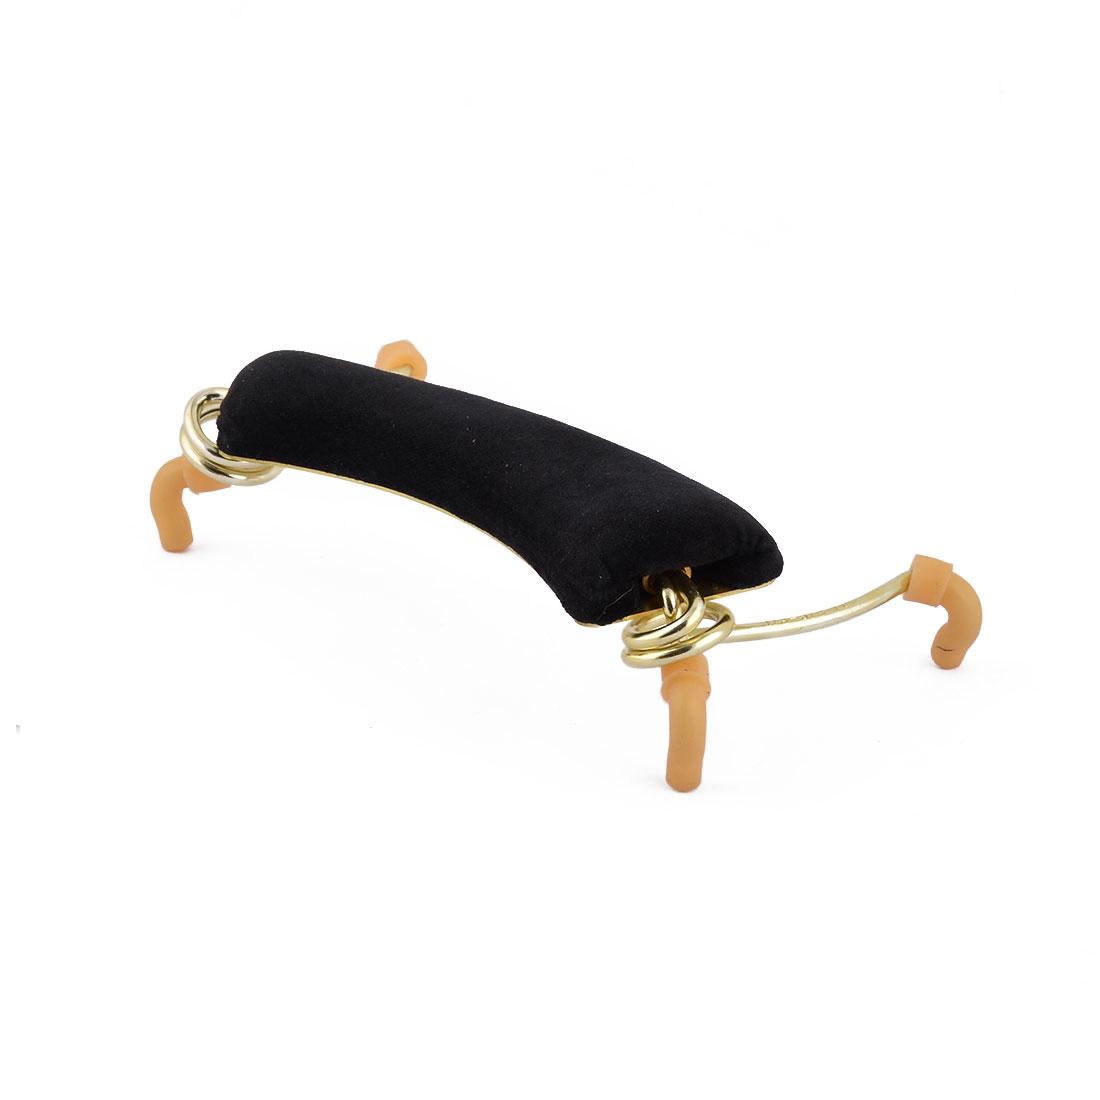 Flannel Pad Metal Frame Shoulder Support Holder Rest 17.2cm Long Gold Tone Black